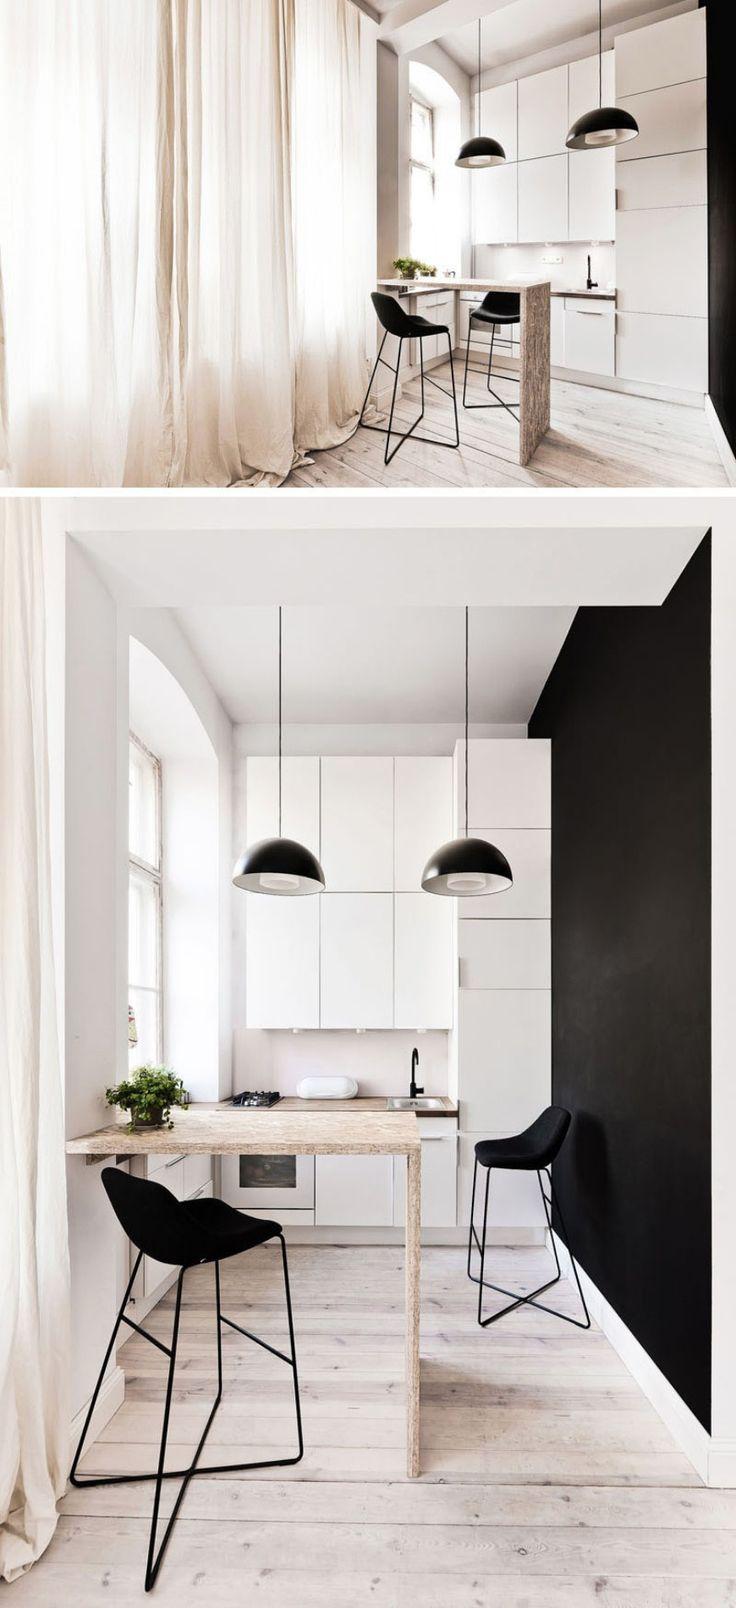 773 besten Küche Designs 2018 Bilder auf Pinterest | Arquitetura ...